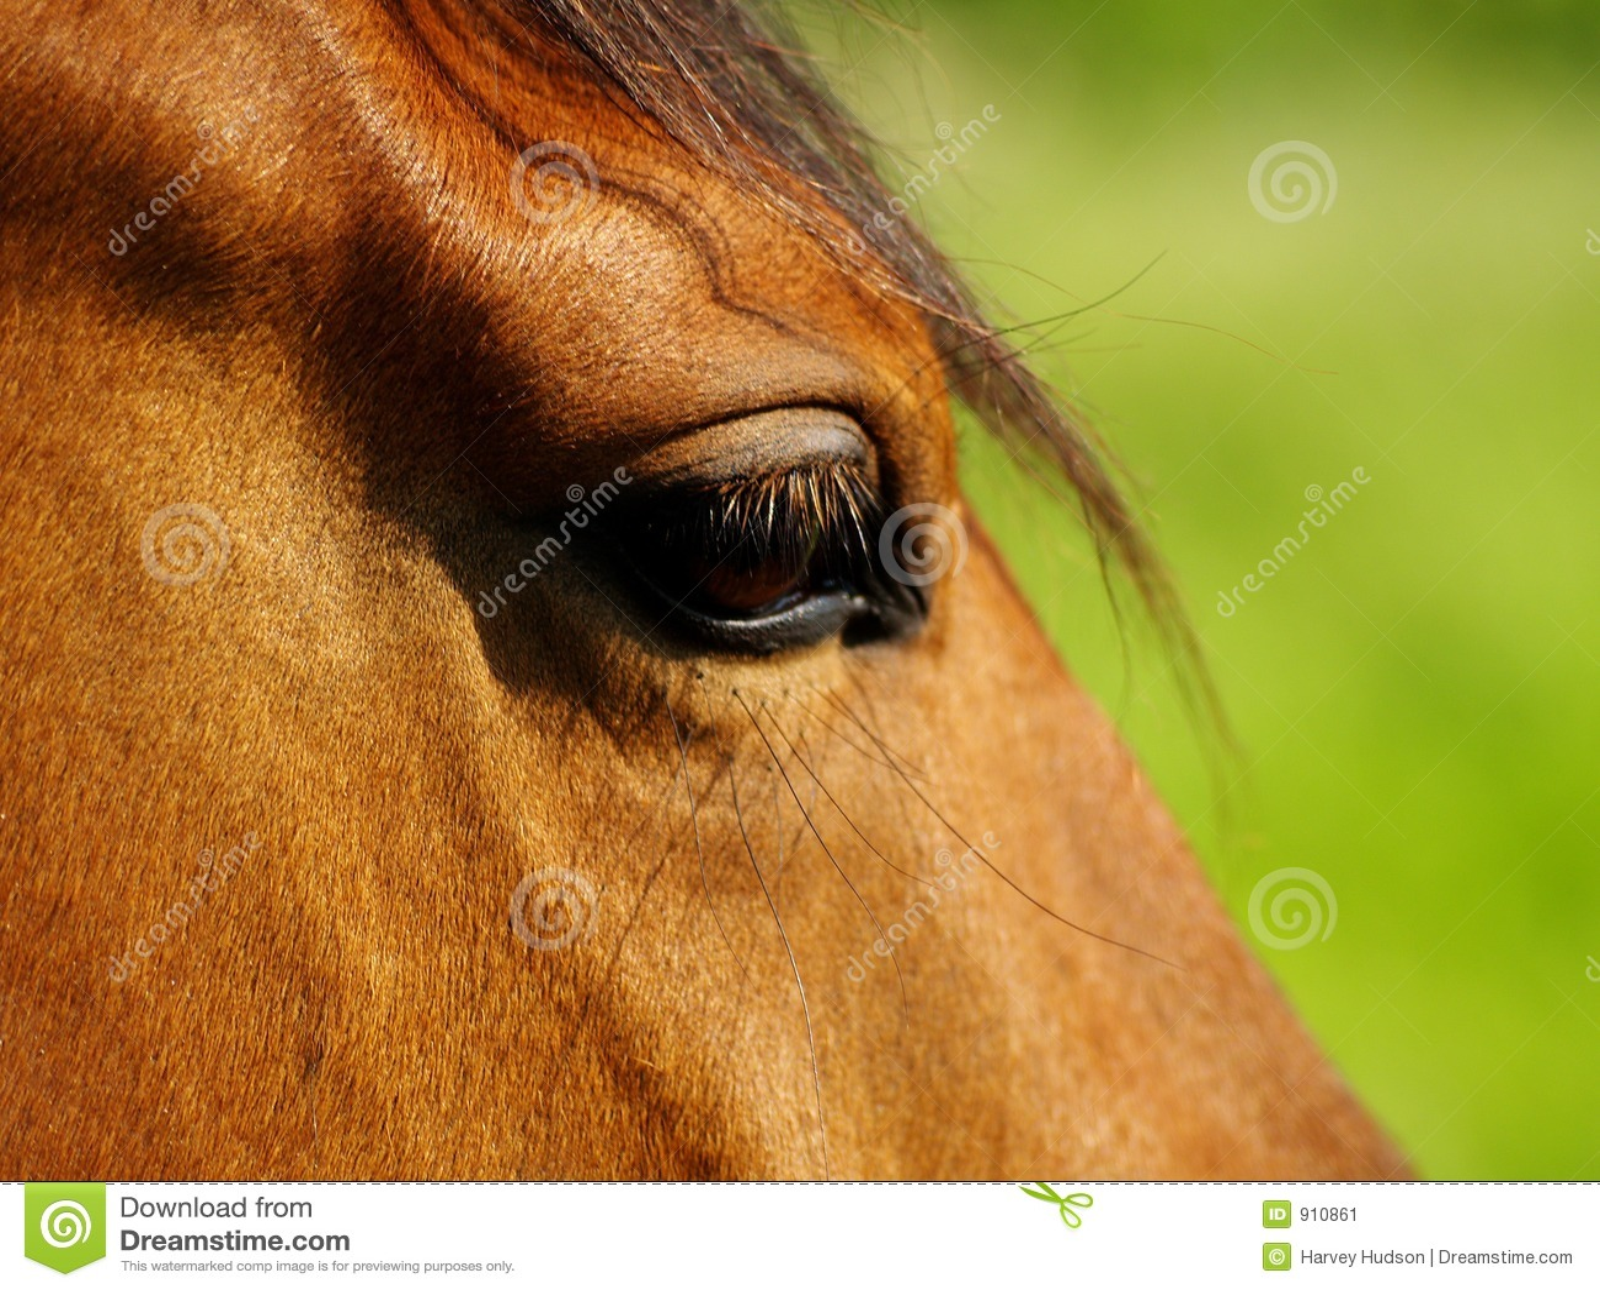 Olho do cavalo.